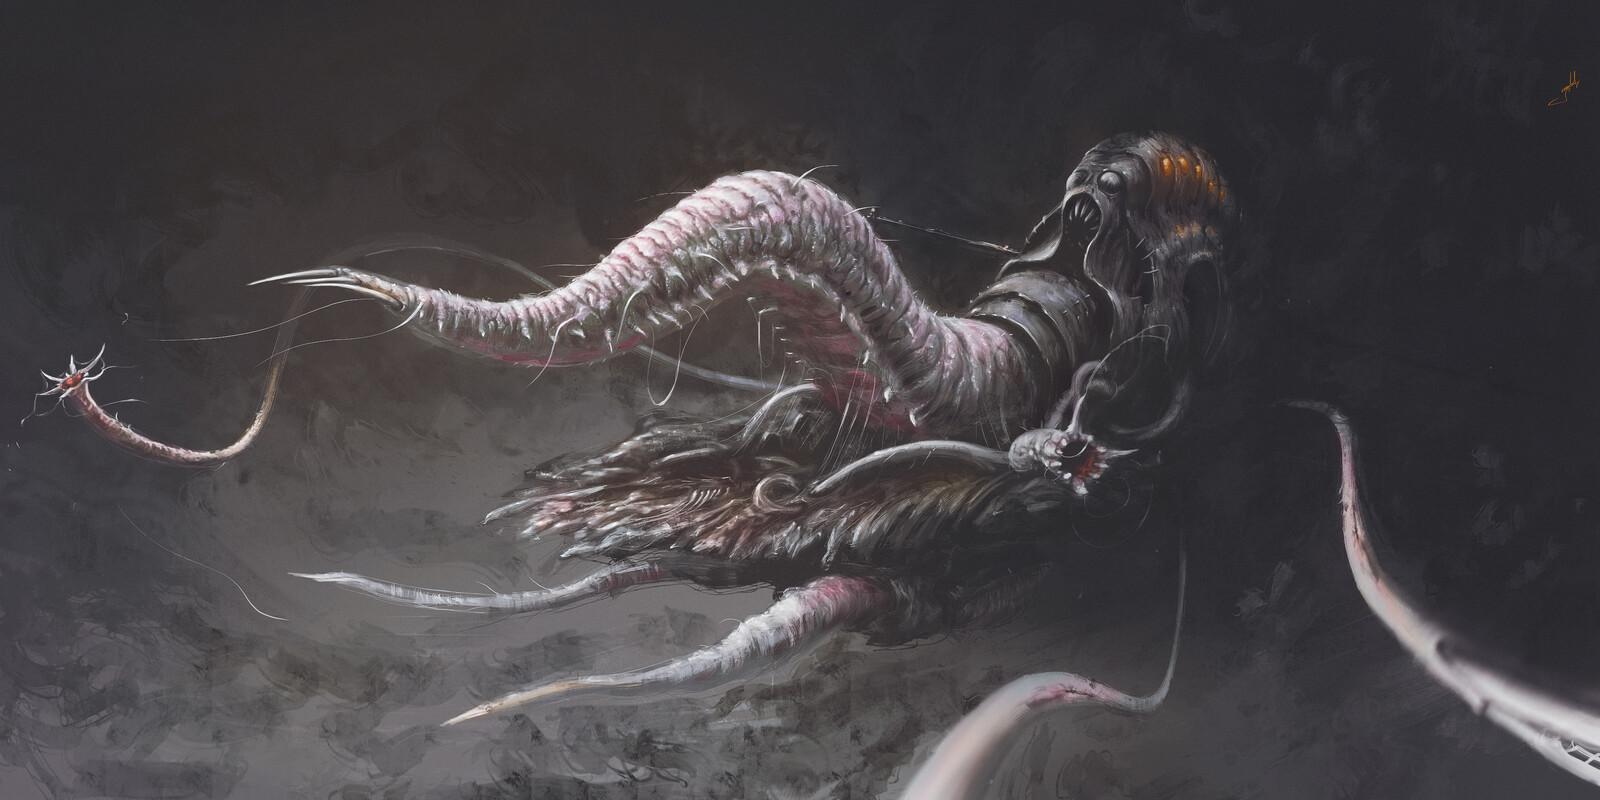 Extraterrestrial Creature